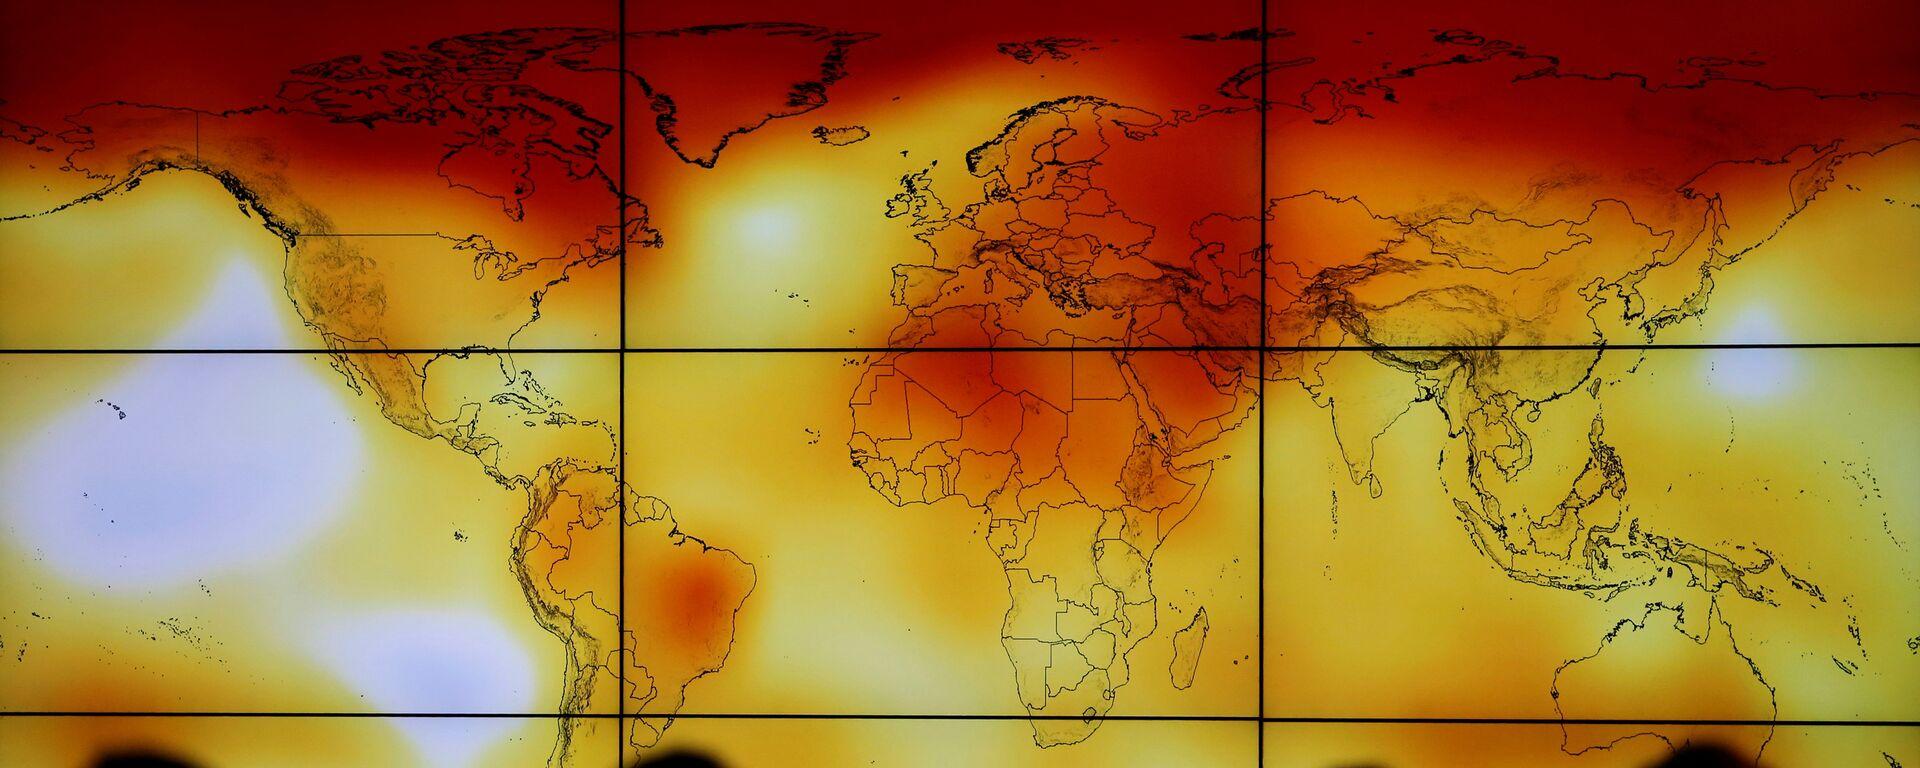 El cambio climático (imagen referencial) - Sputnik Mundo, 1920, 03.11.2020